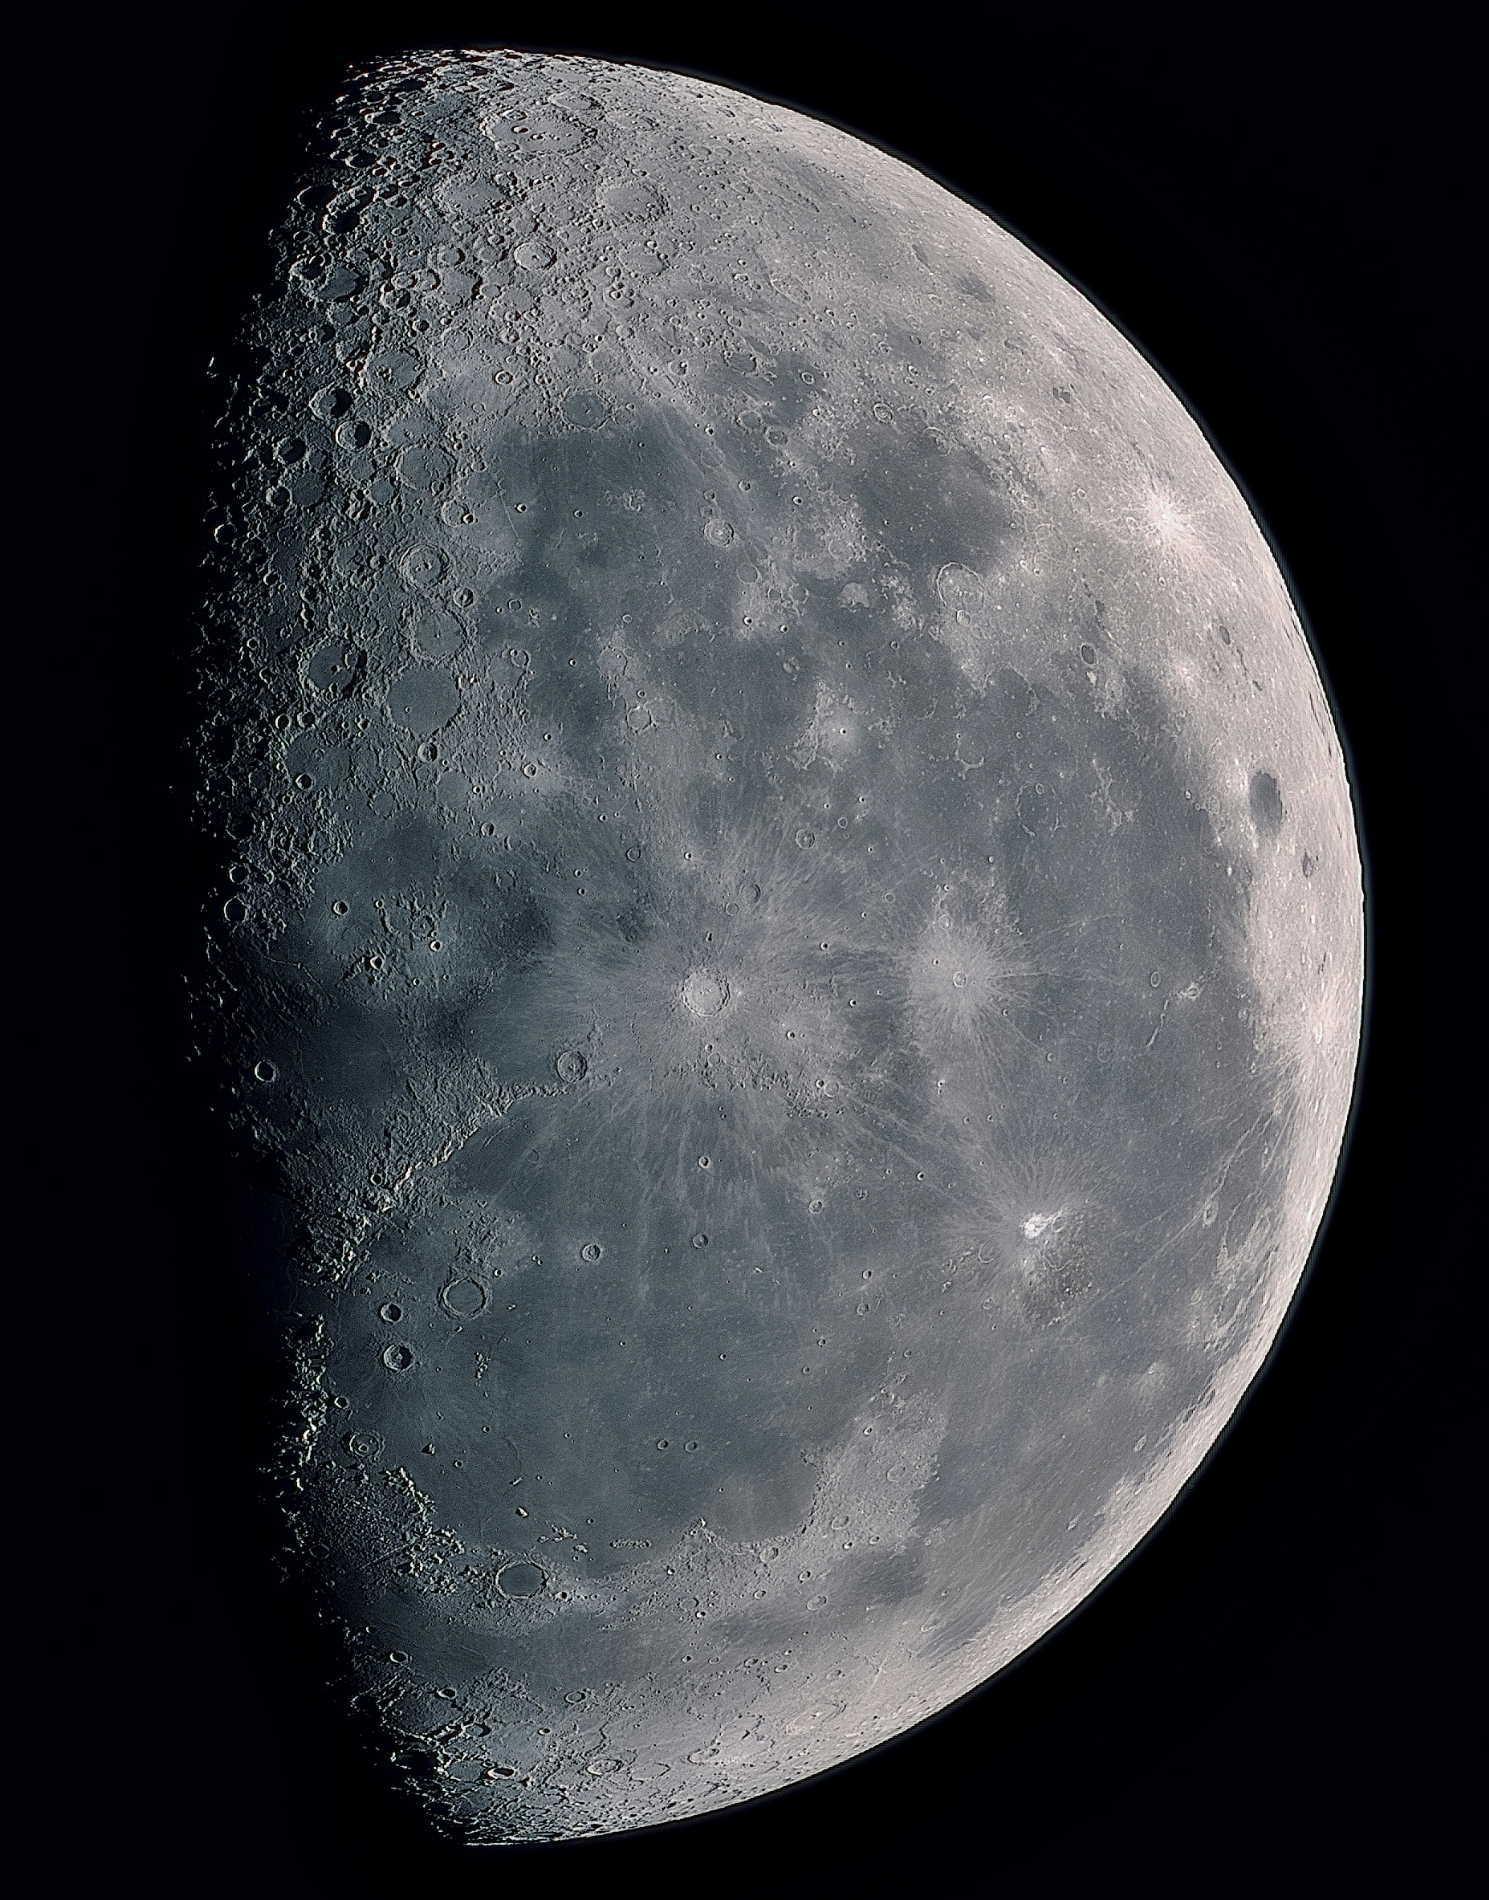 ビームスプリッタで一瞬の雲間を狙う_f0346040_14554530.jpg